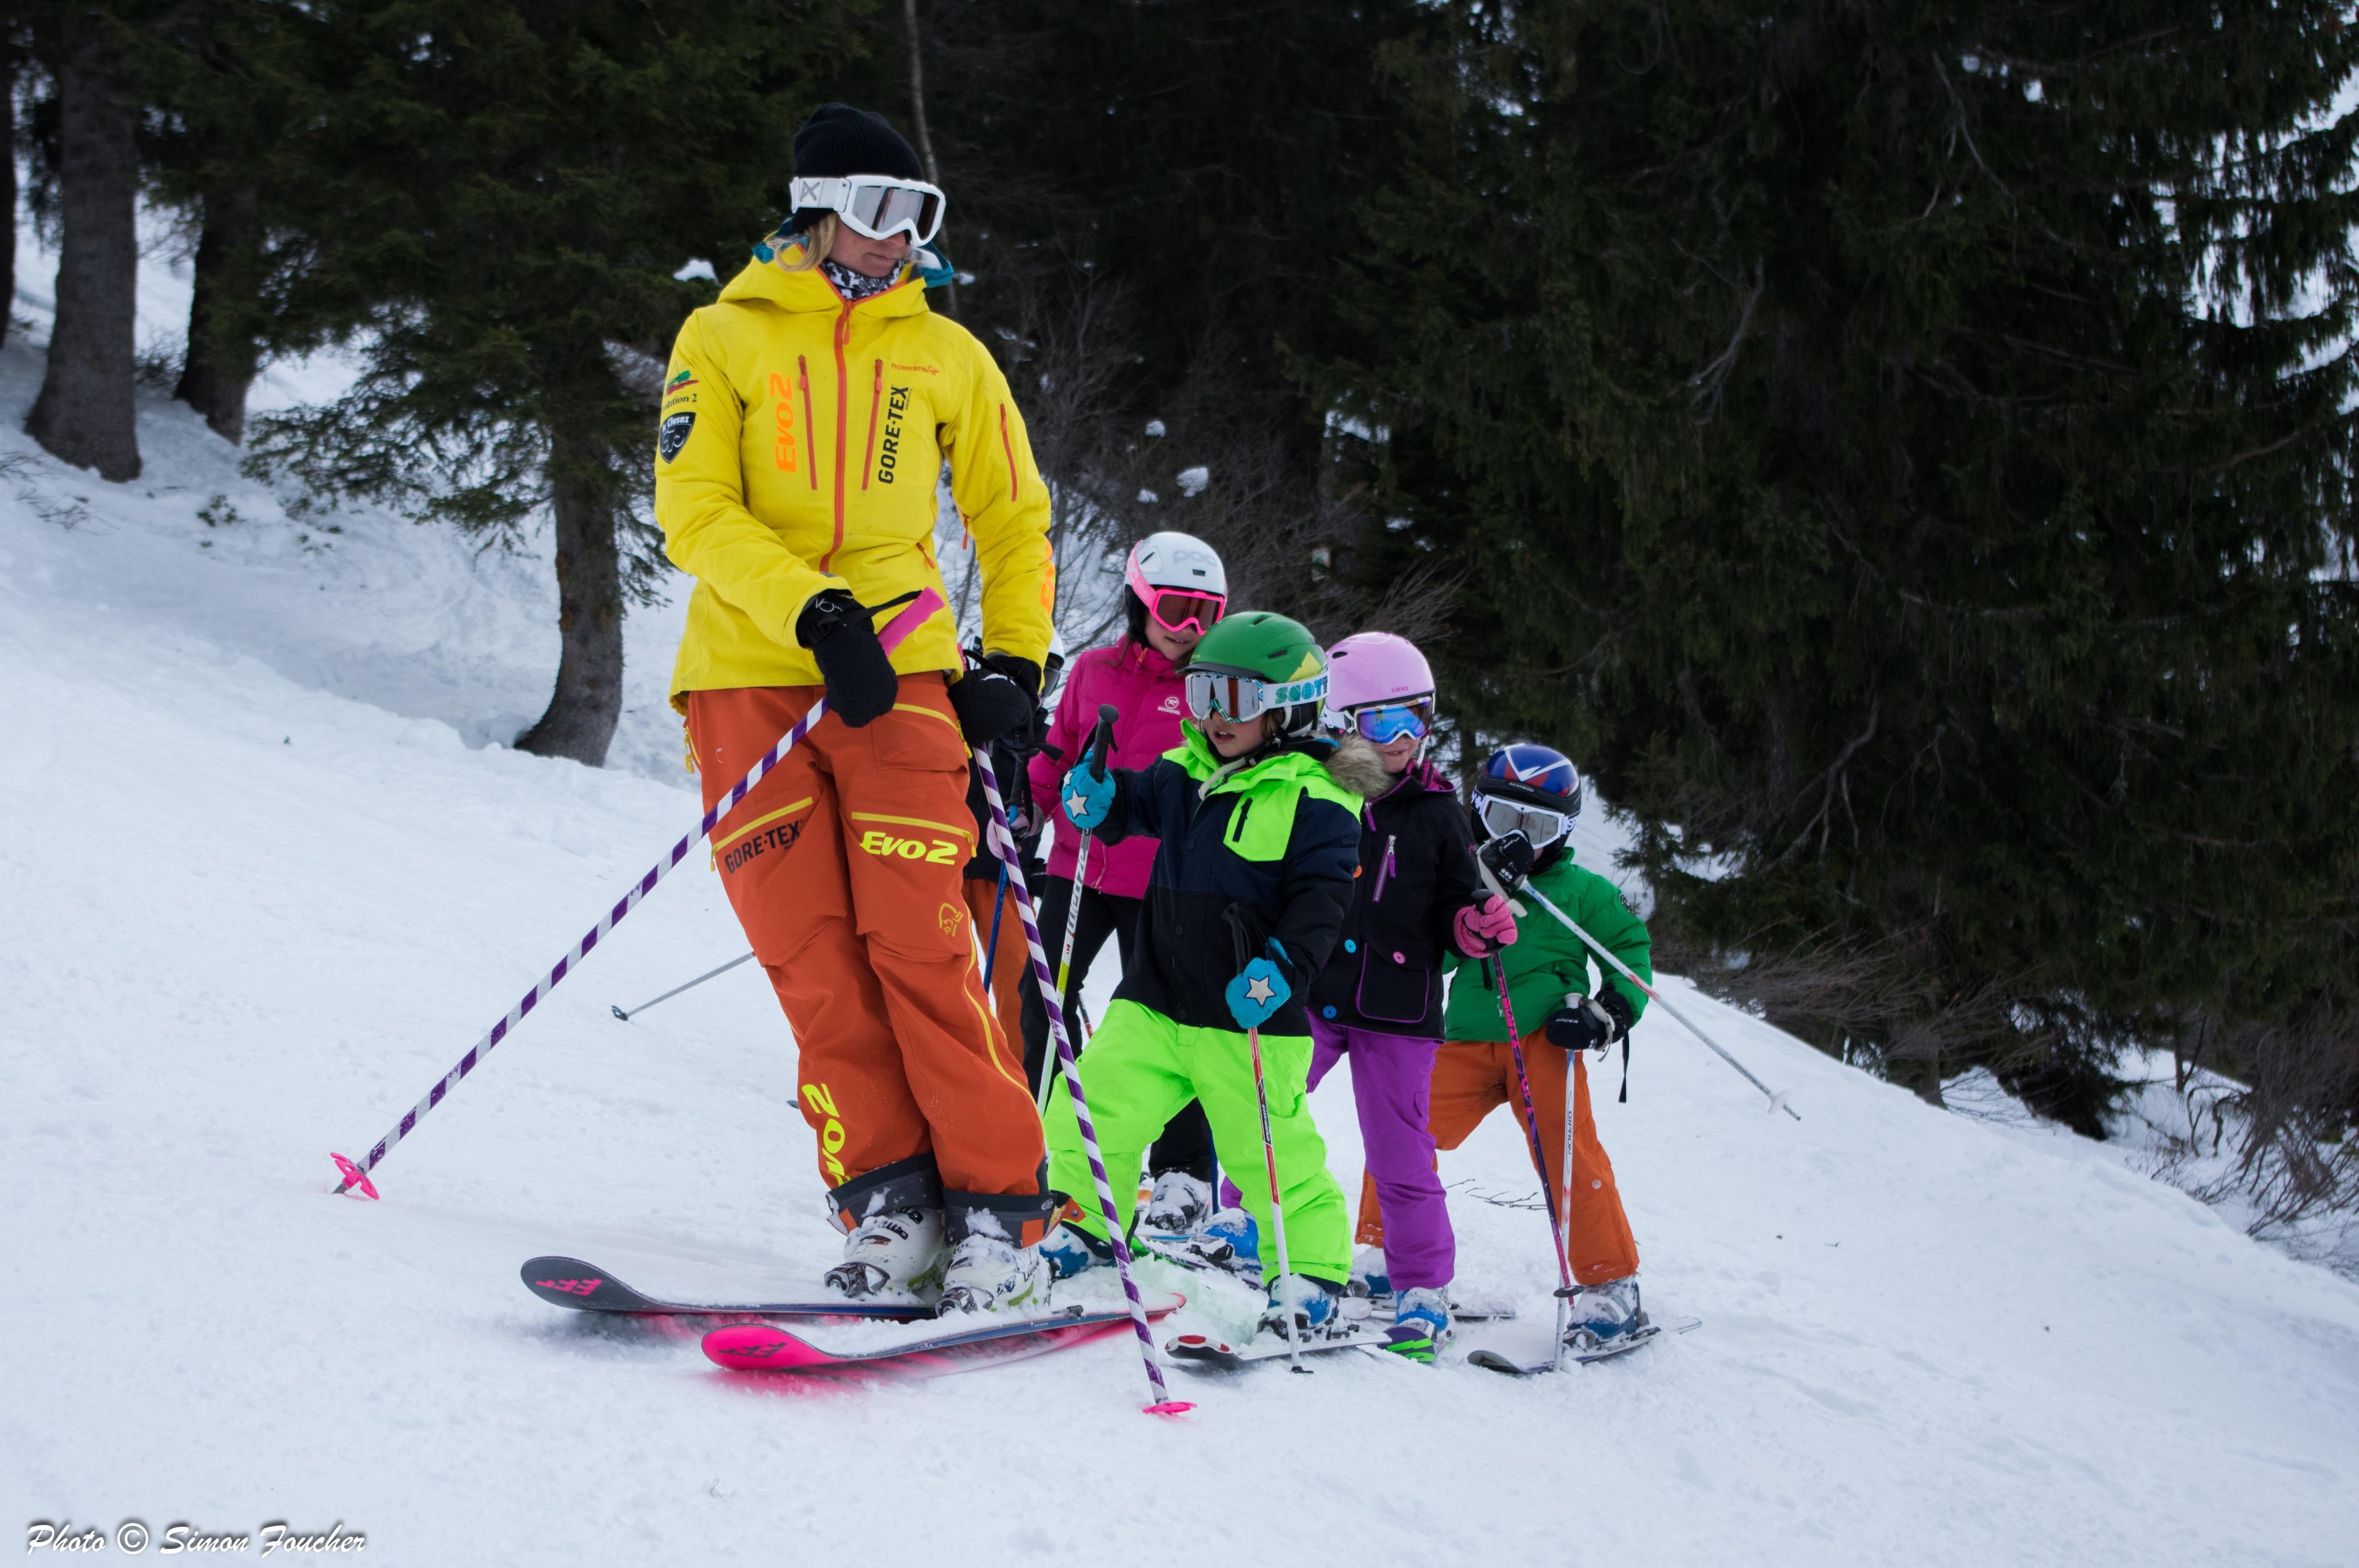 Clases de esquí para niños a partir de 4 años para debutantes